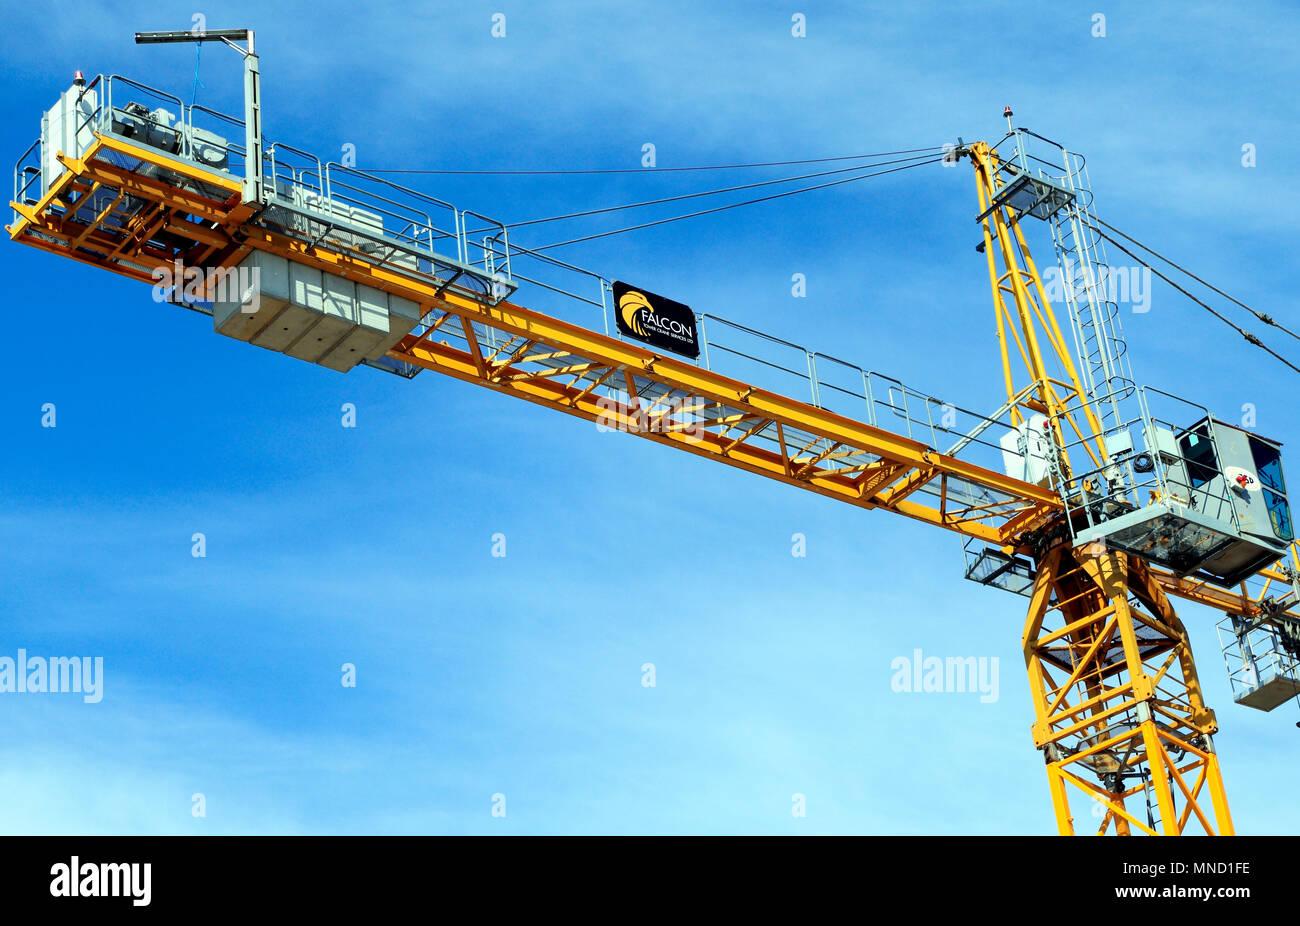 Services de grue à tour Falcon, la construction d'une grue, chantier, Hunstanton, Norfolk, Royaume-Uni, Angleterre, détail, bâtiment, industrie Photo Stock